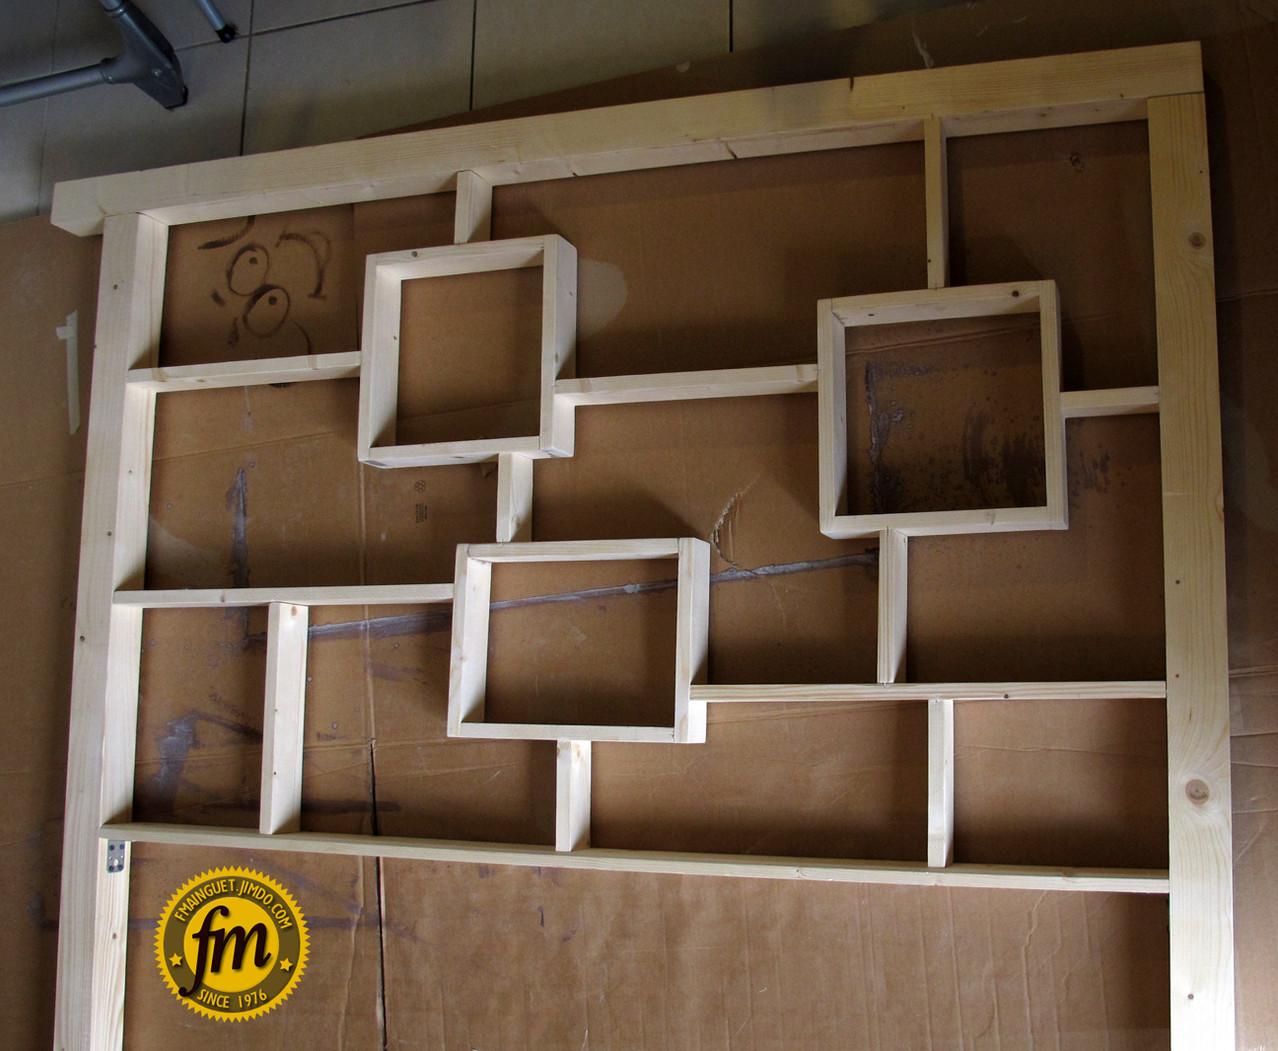 cloison tv sur mesure site de fr d ric mainguet. Black Bedroom Furniture Sets. Home Design Ideas